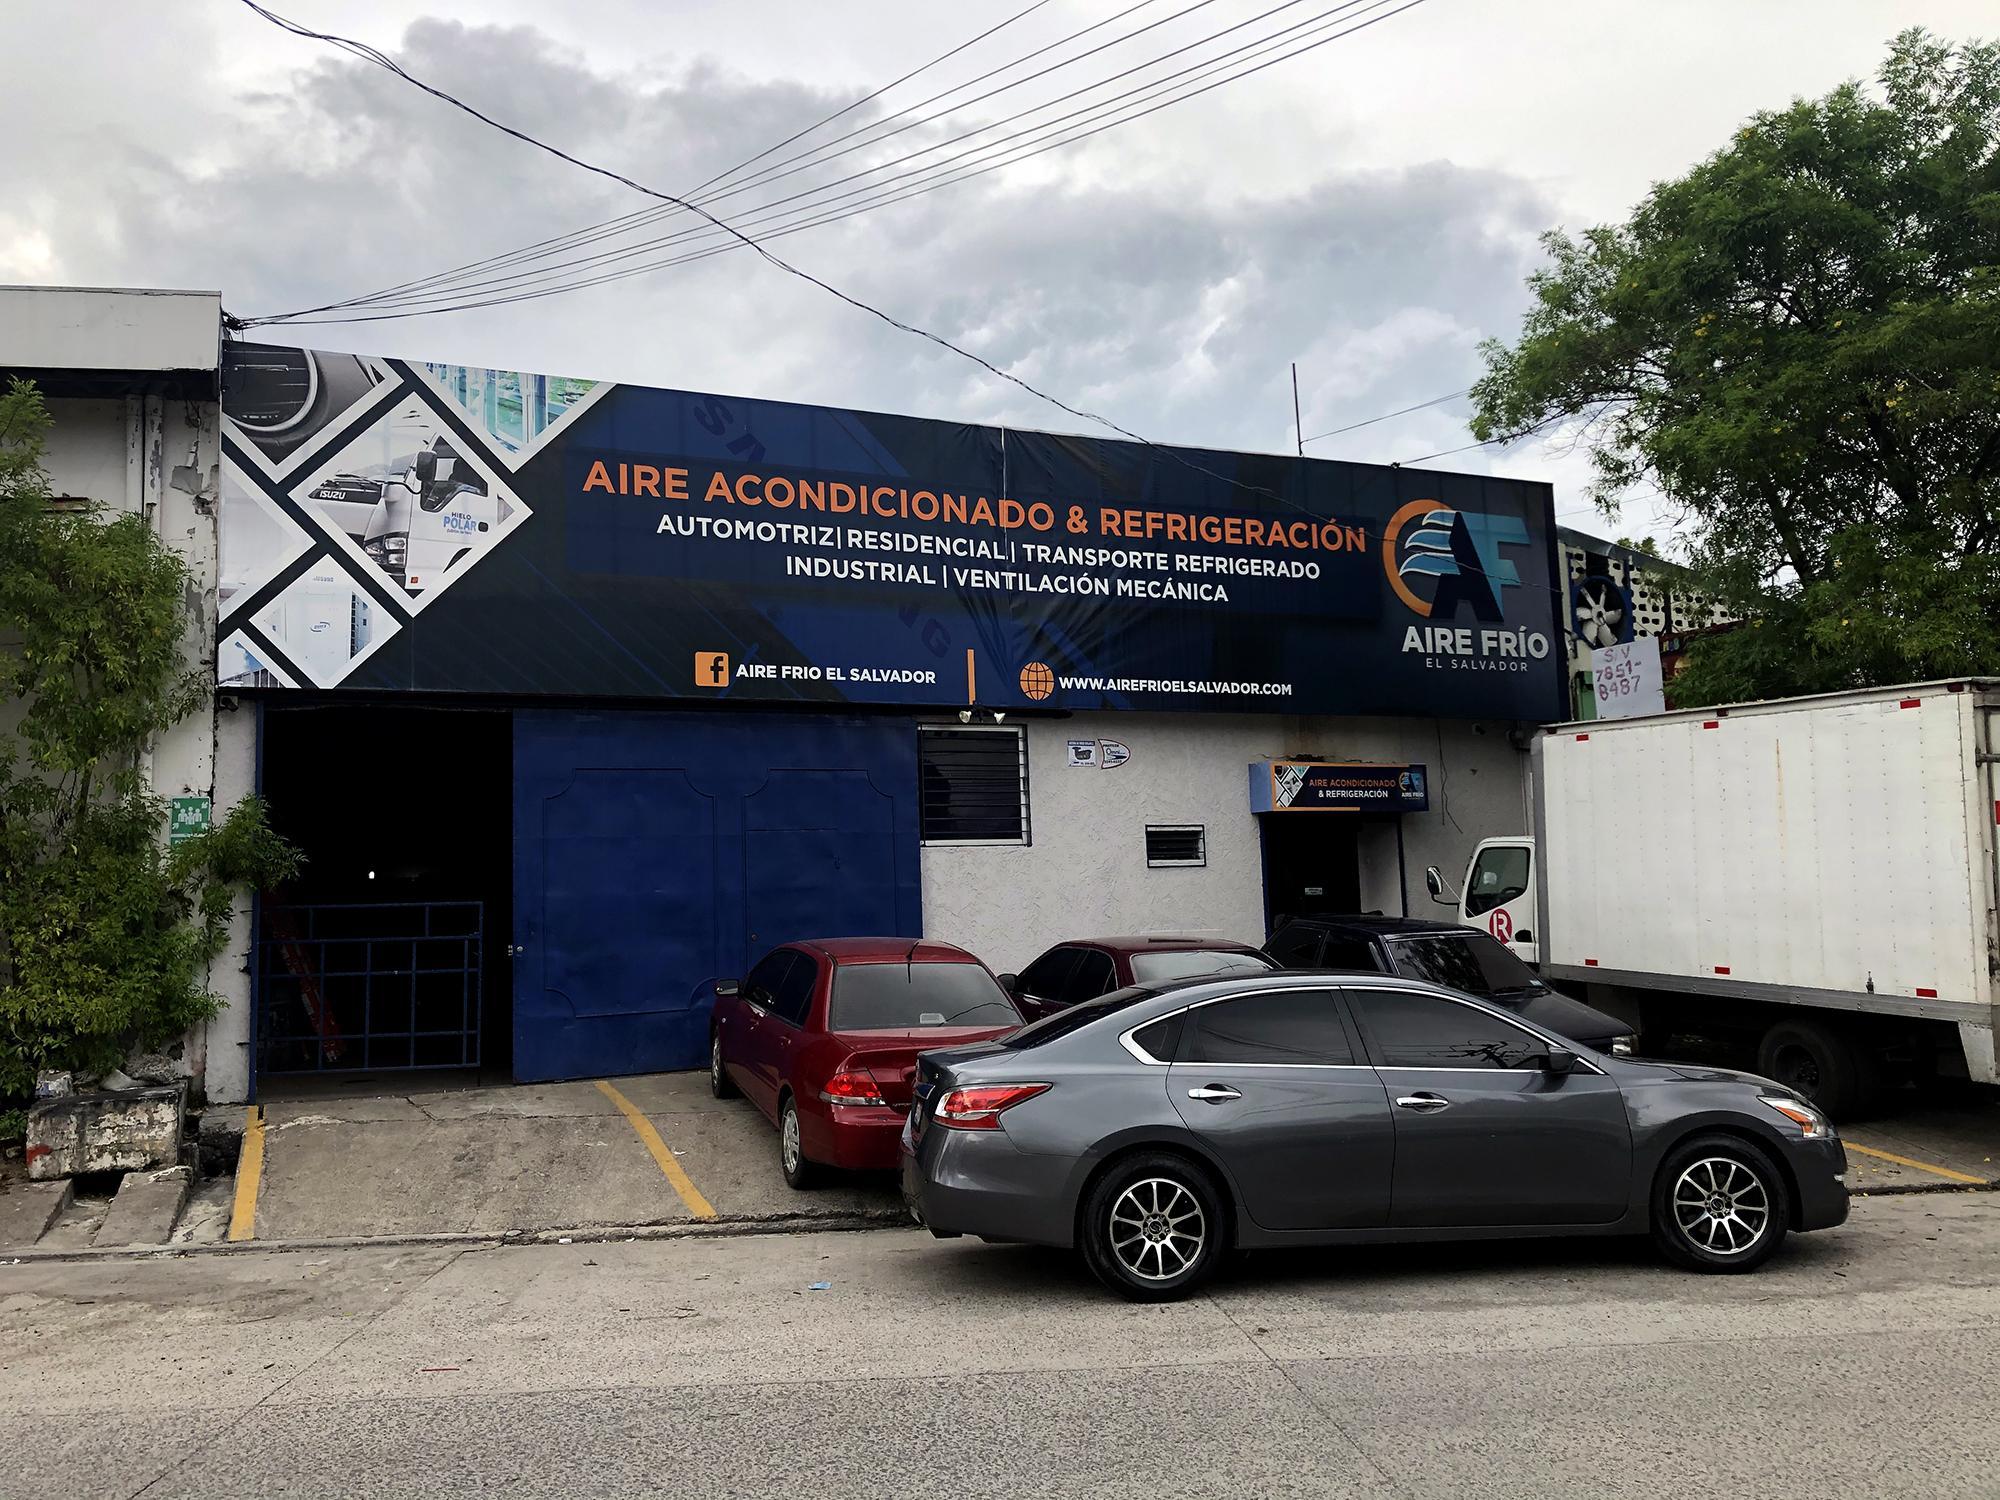 Oficinas de la empresa Aire Frío El Salvador, en Mejicanos. La empresa, fundada por Christian Guevara y dirigida por sus socios, firmó ocho contratos con Obras Públicas, por 1.09 millones de dólares entre marzo y julio de 2020. Fotografía: El Faro/ Gabriel Labrador